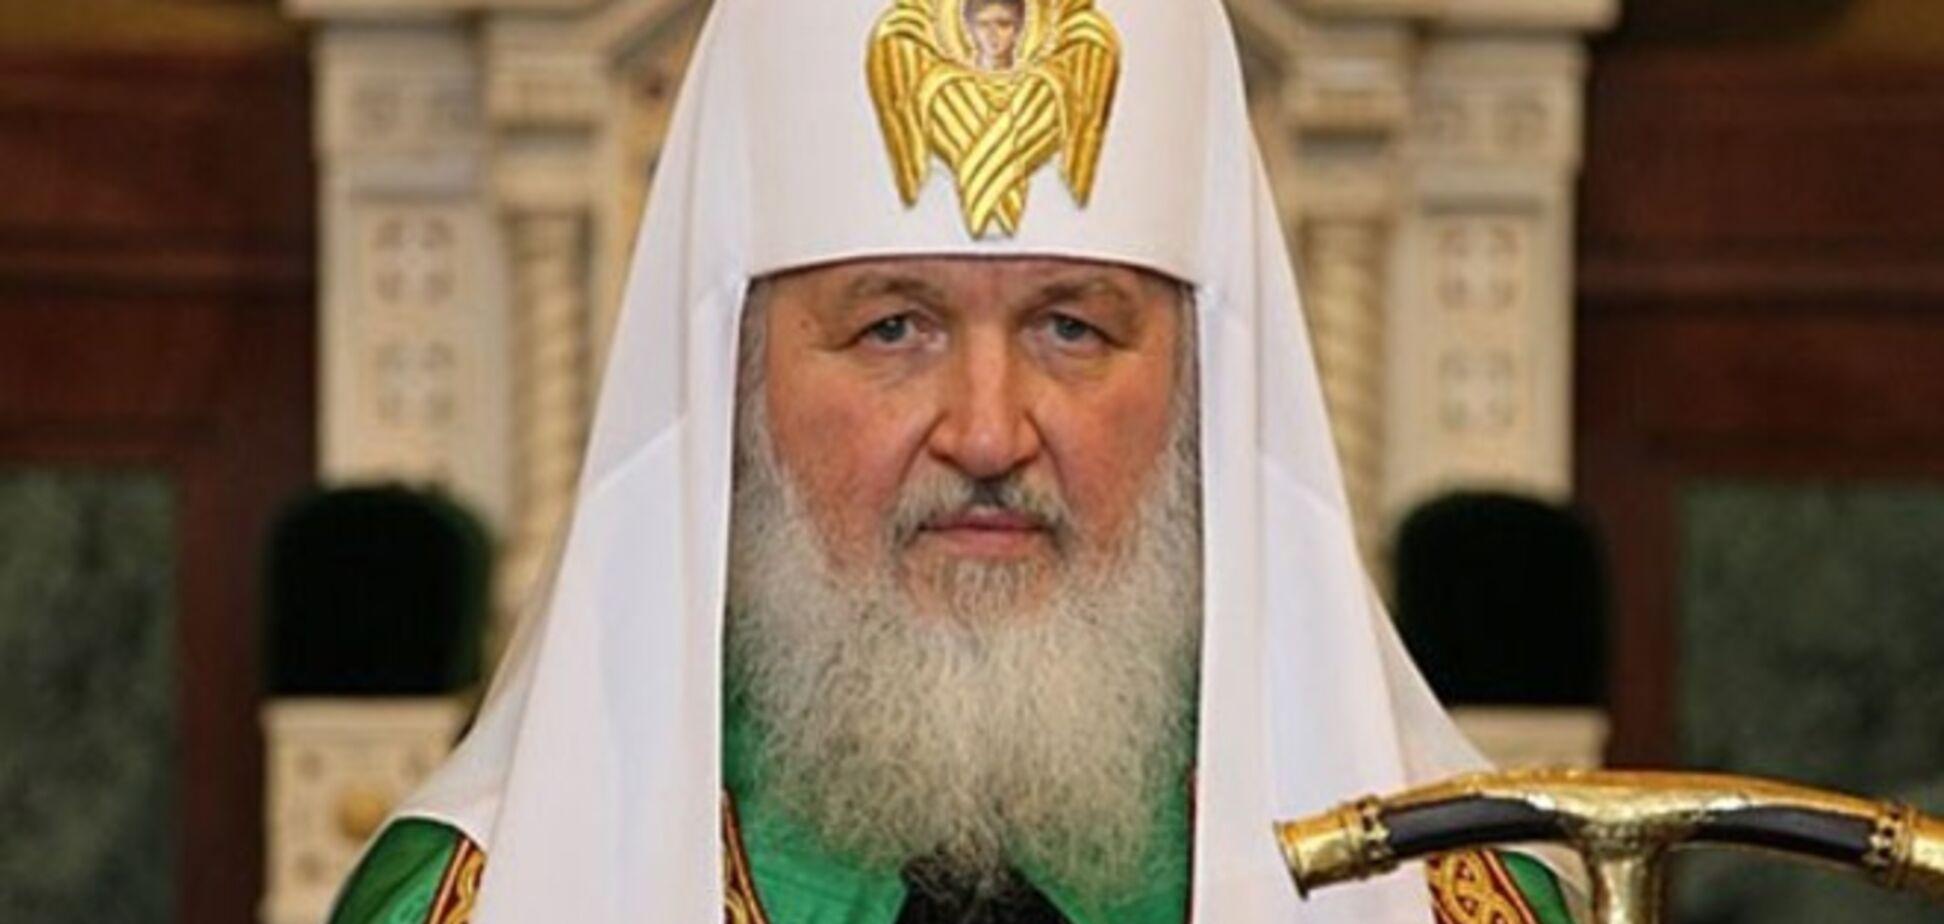 МЗС РФ приписало заслугу у звільненні спостерігачів ОБСЄ патріарху Кирилу